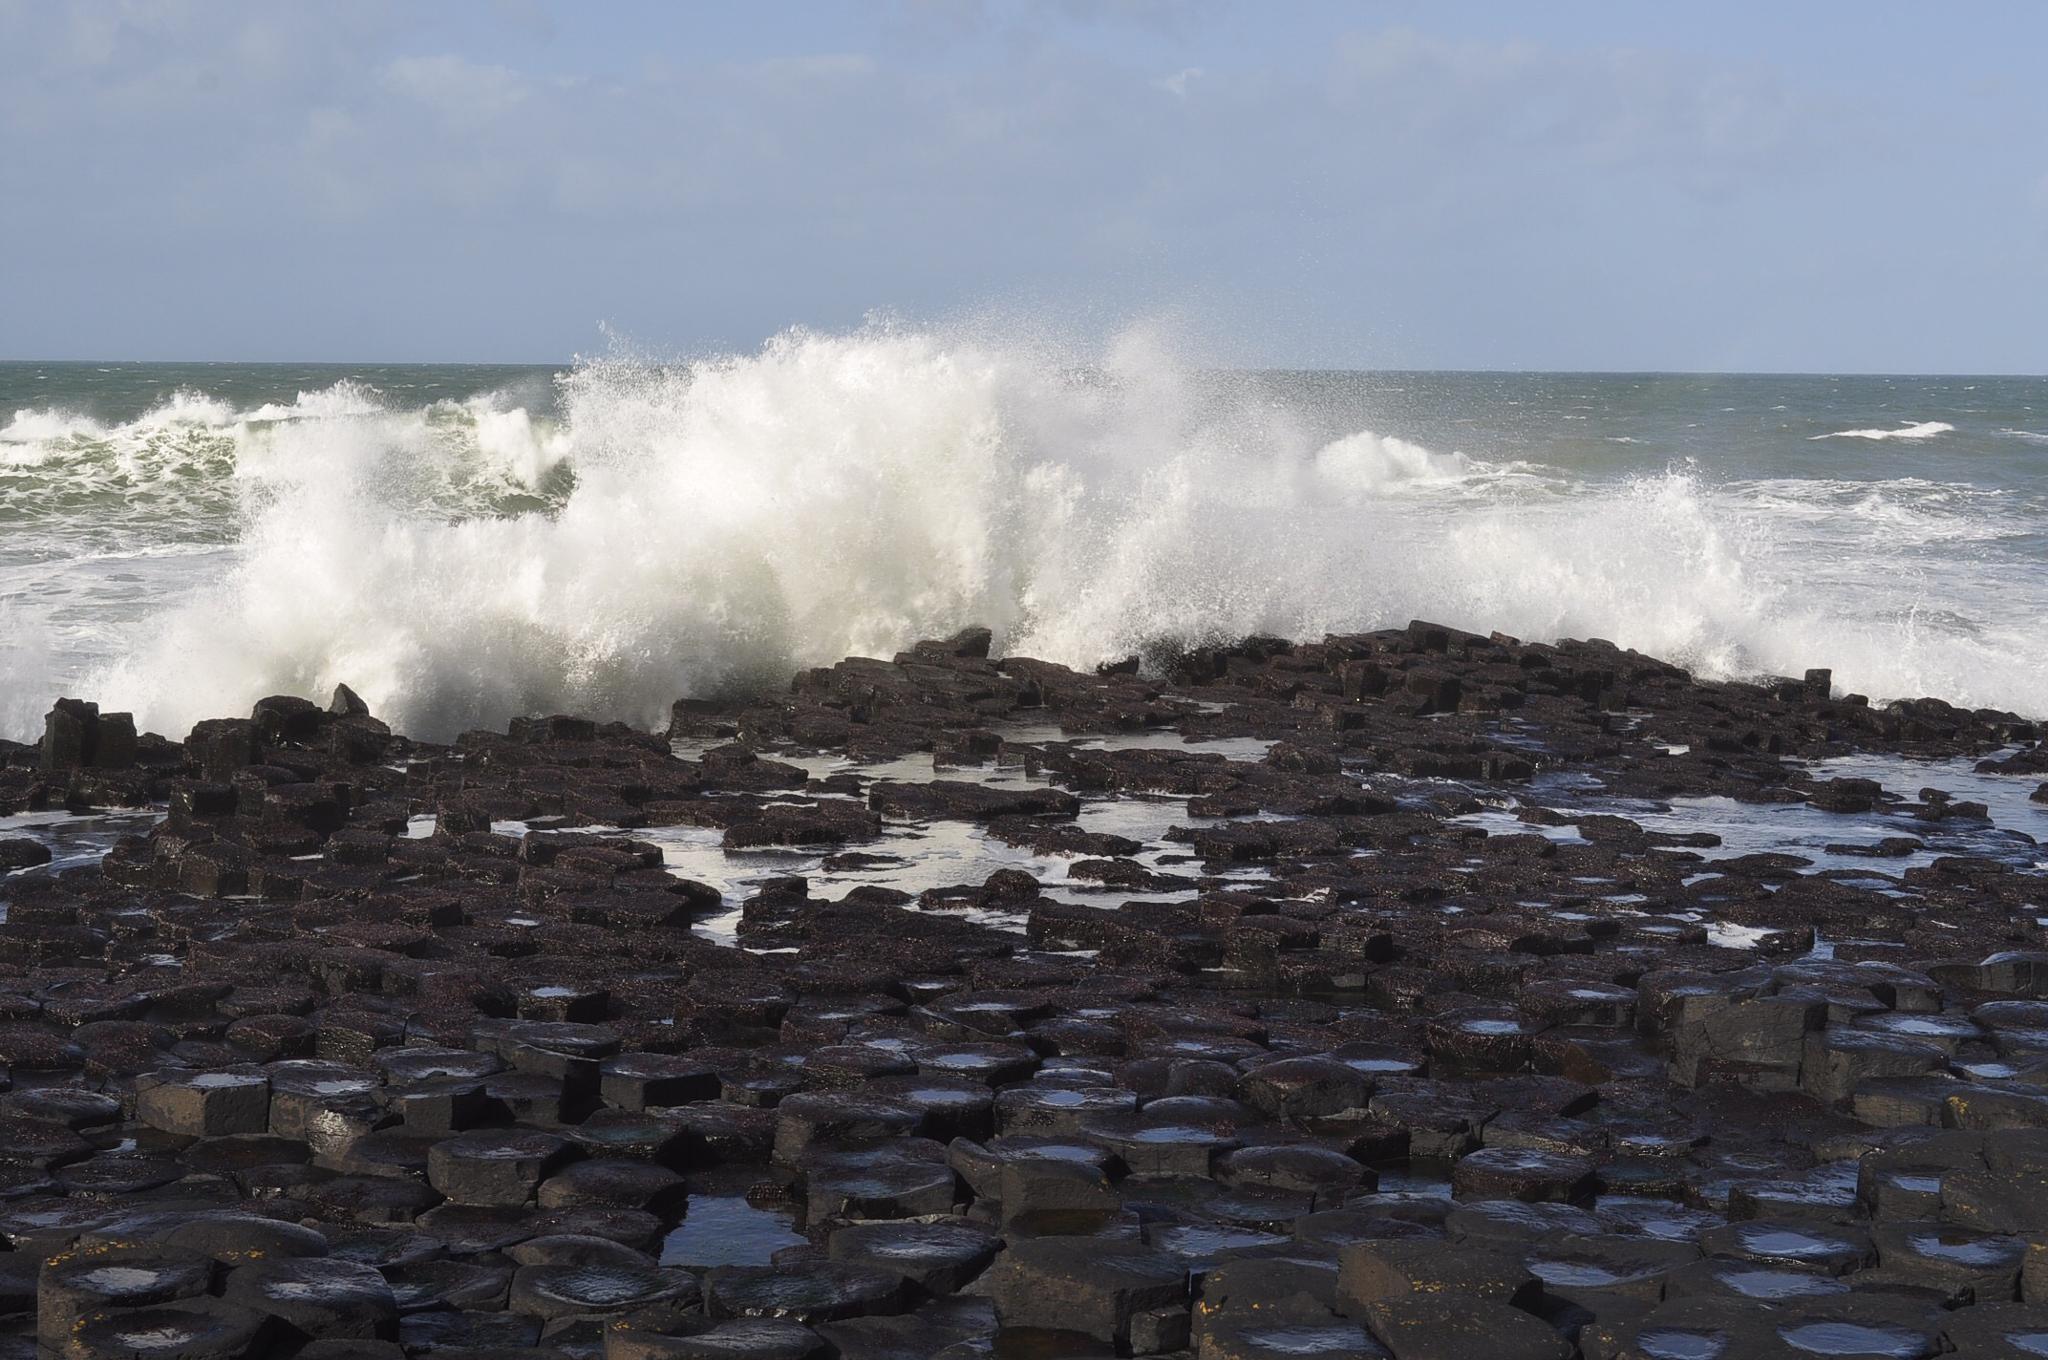 Waves crashing by Susan Swearengin